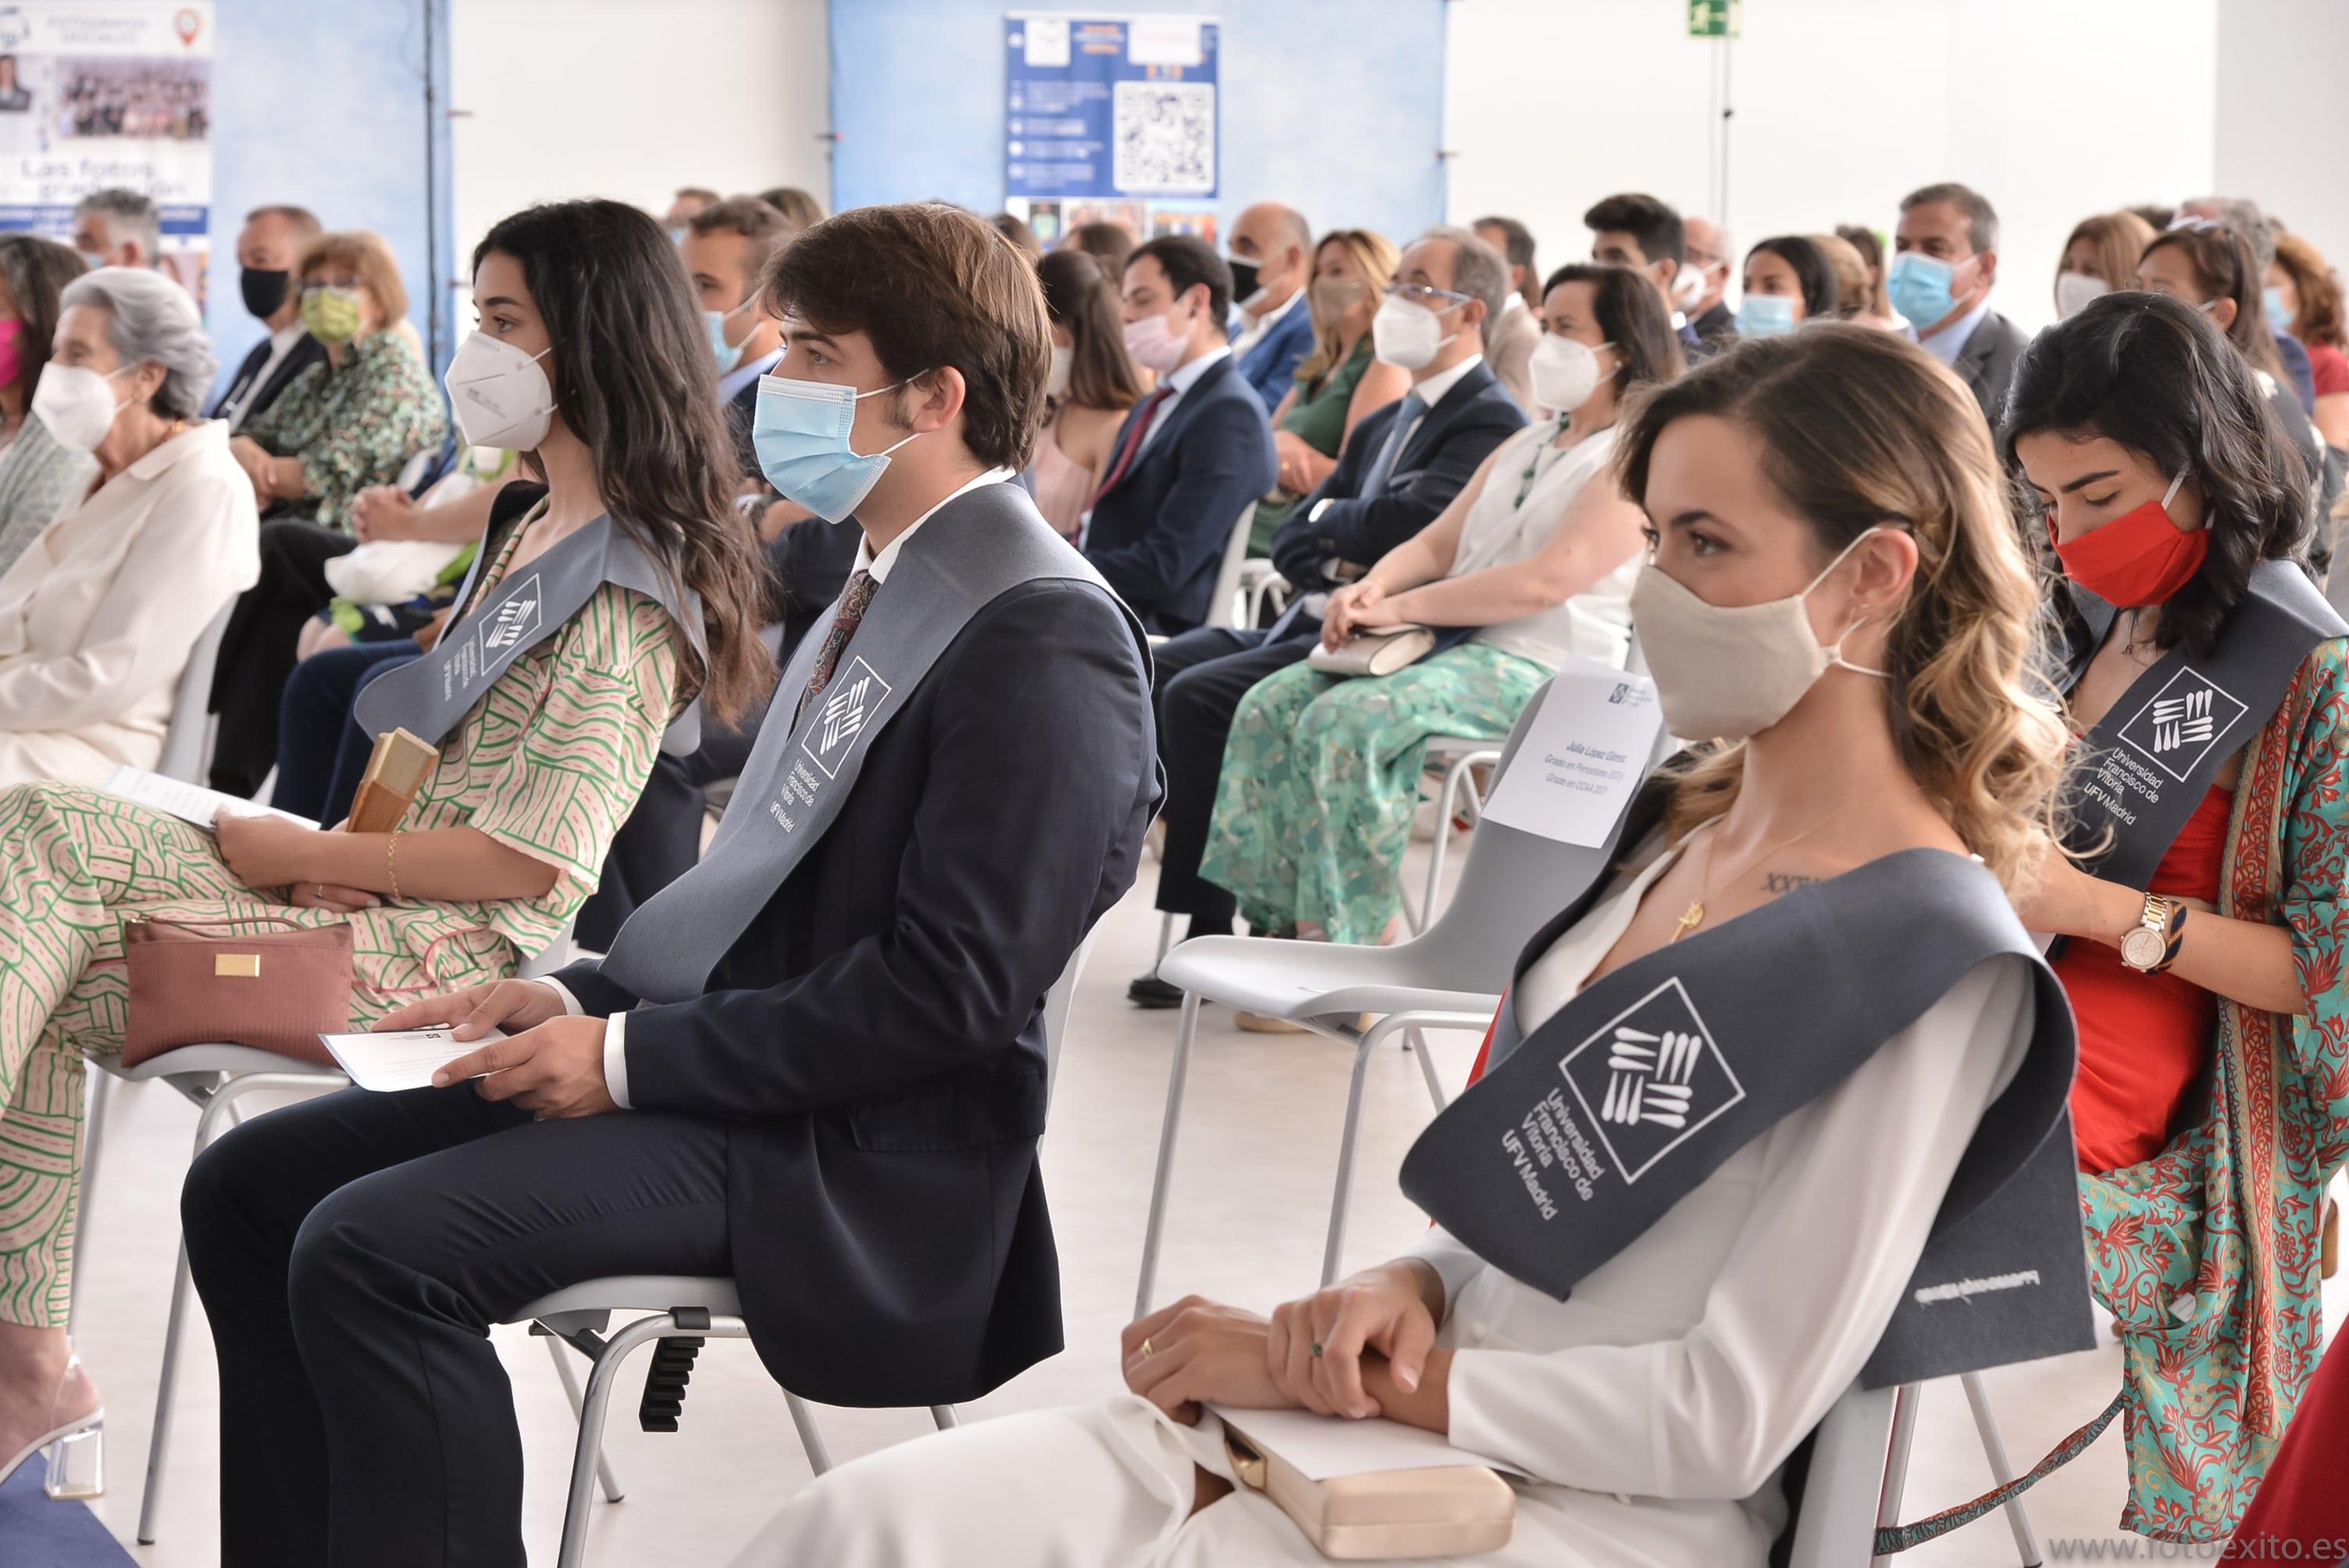 210710UFV 1070 min Actos académicos Estudiar en Universidad Privada Madrid